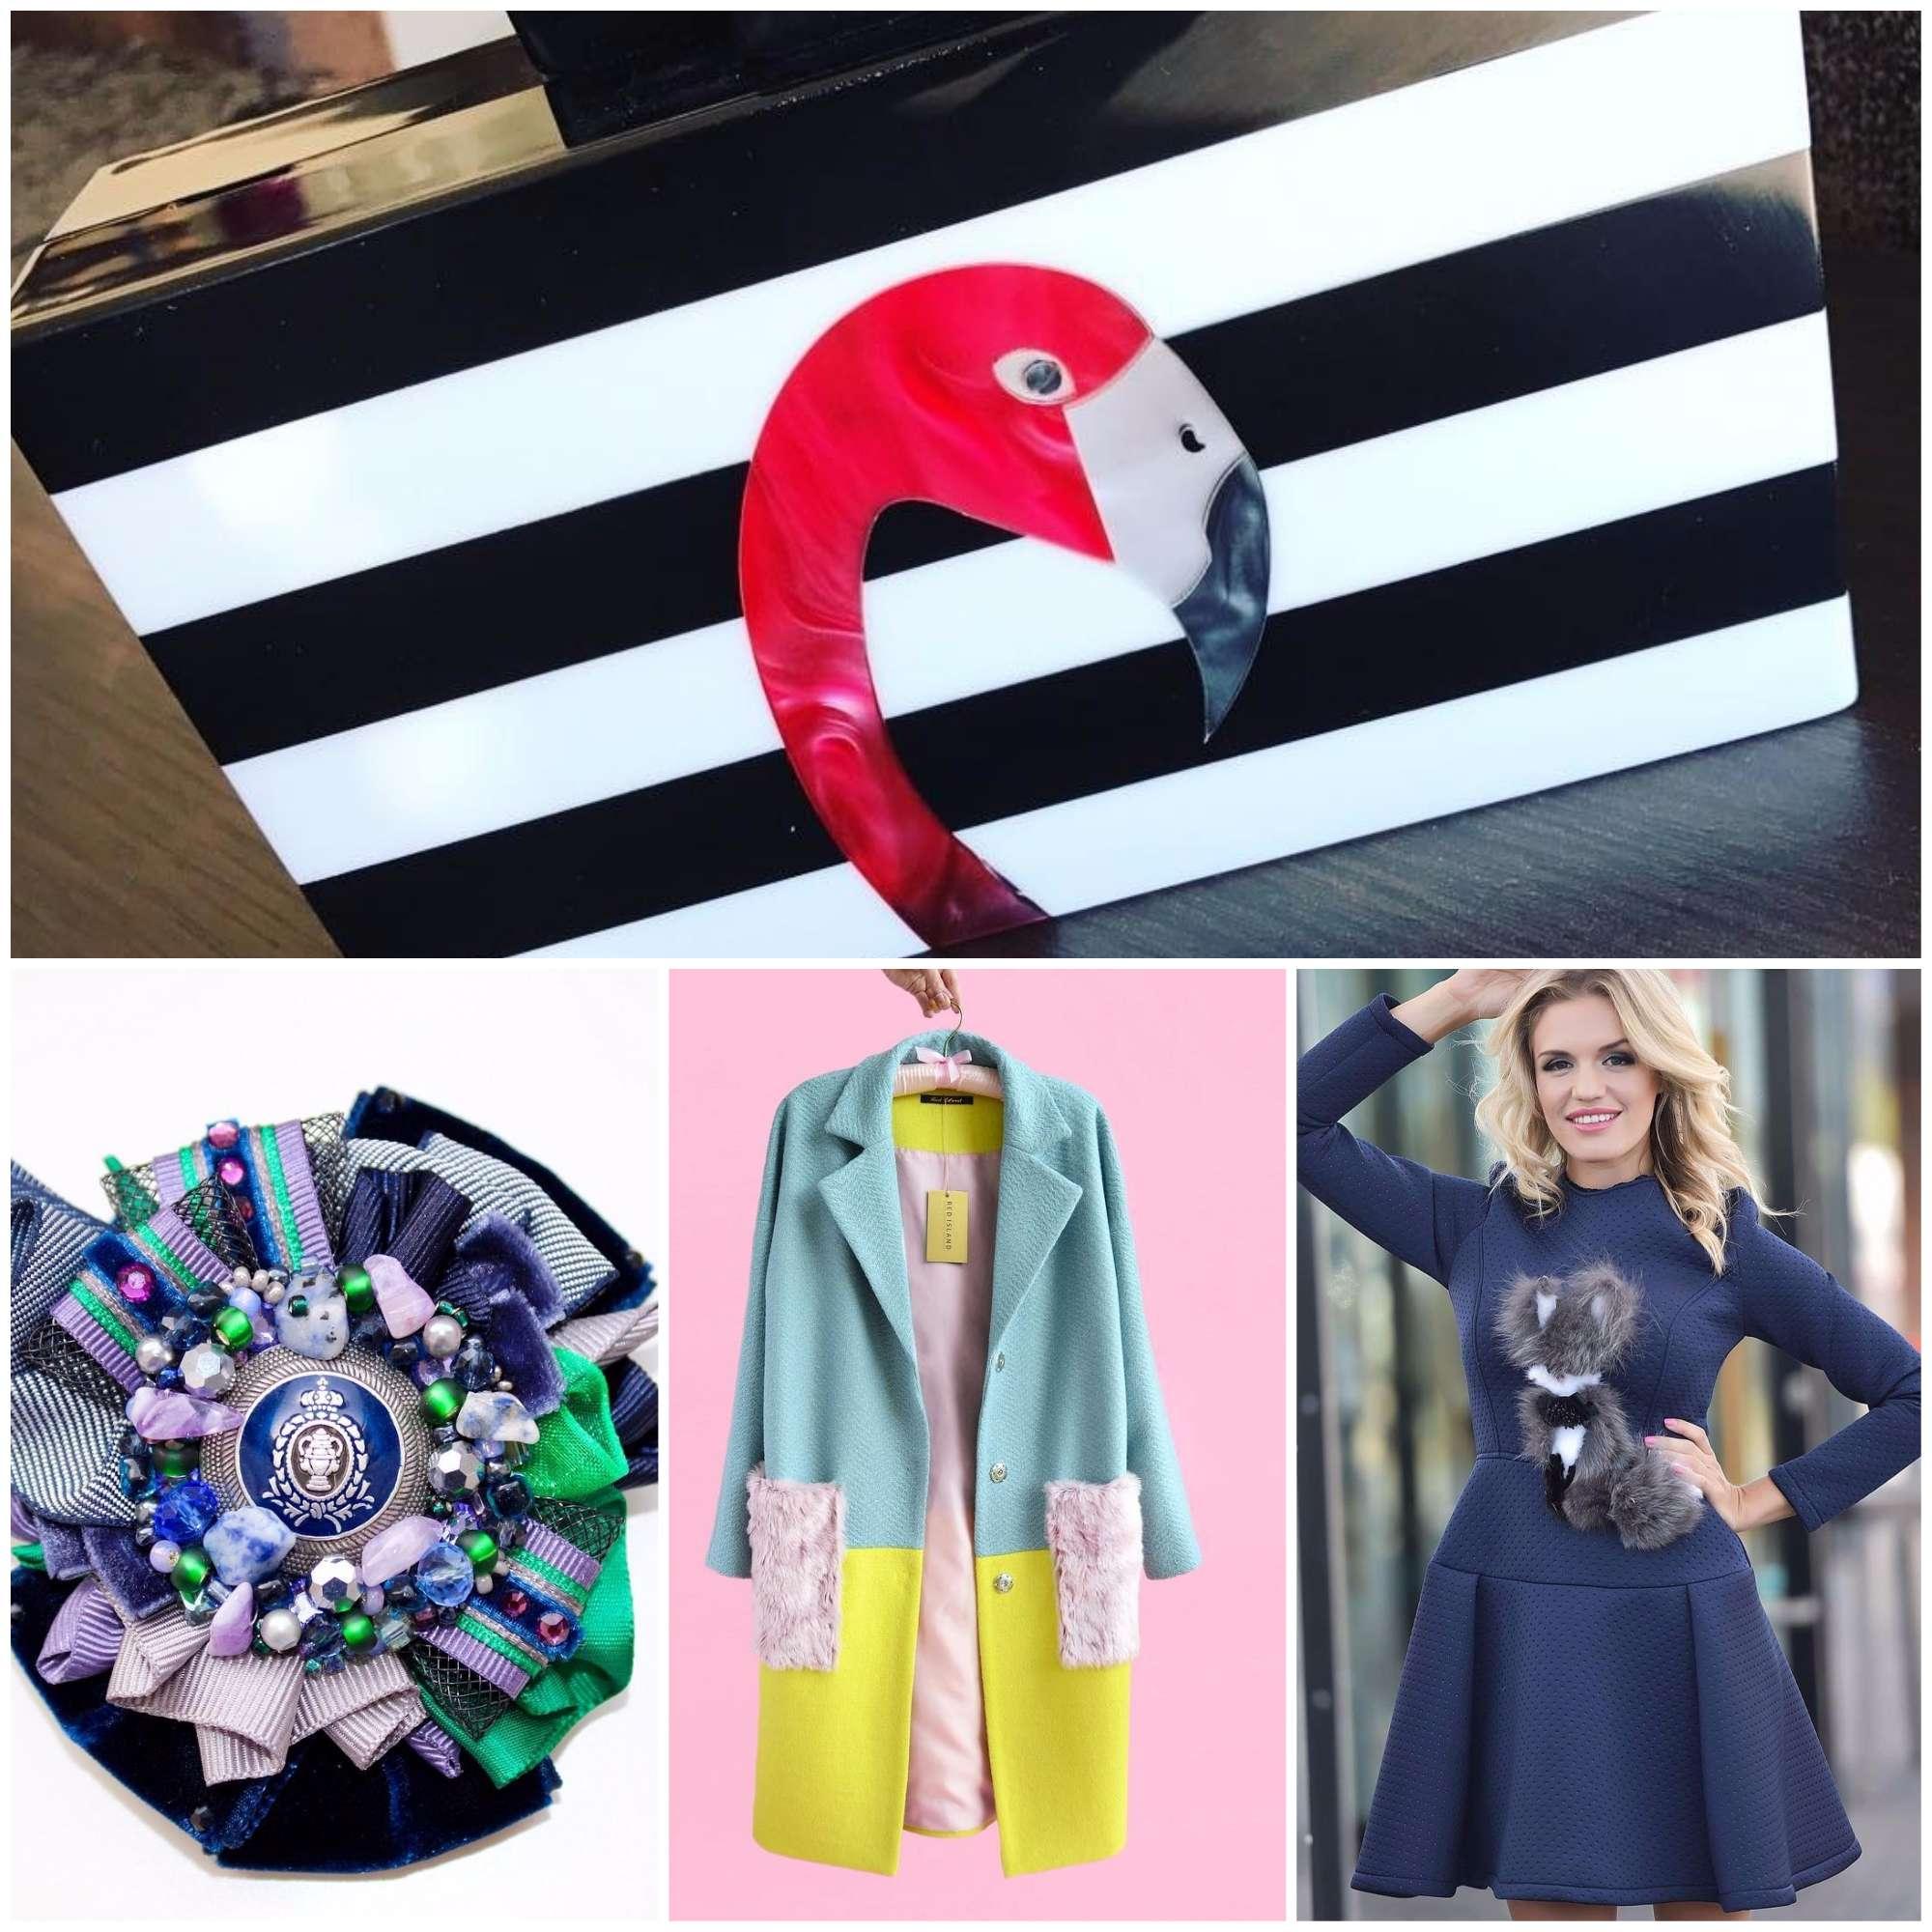 7 крутых магазинов одежды в эстонском Instagram - GLOSS ... 245b97bde06